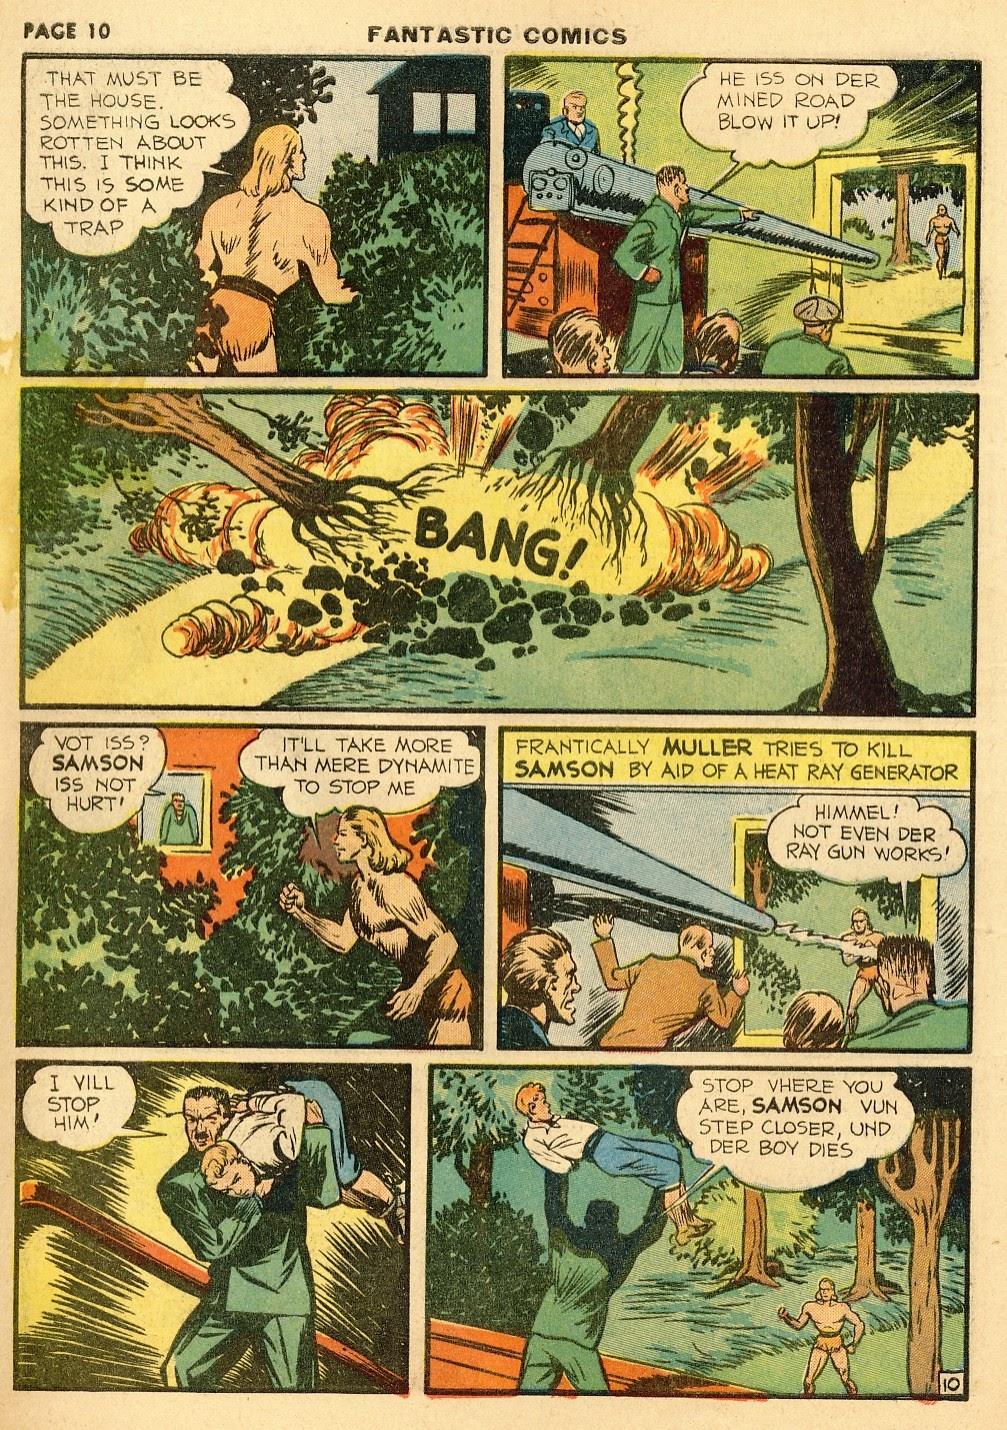 Read online Fantastic Comics comic -  Issue #10 - 11